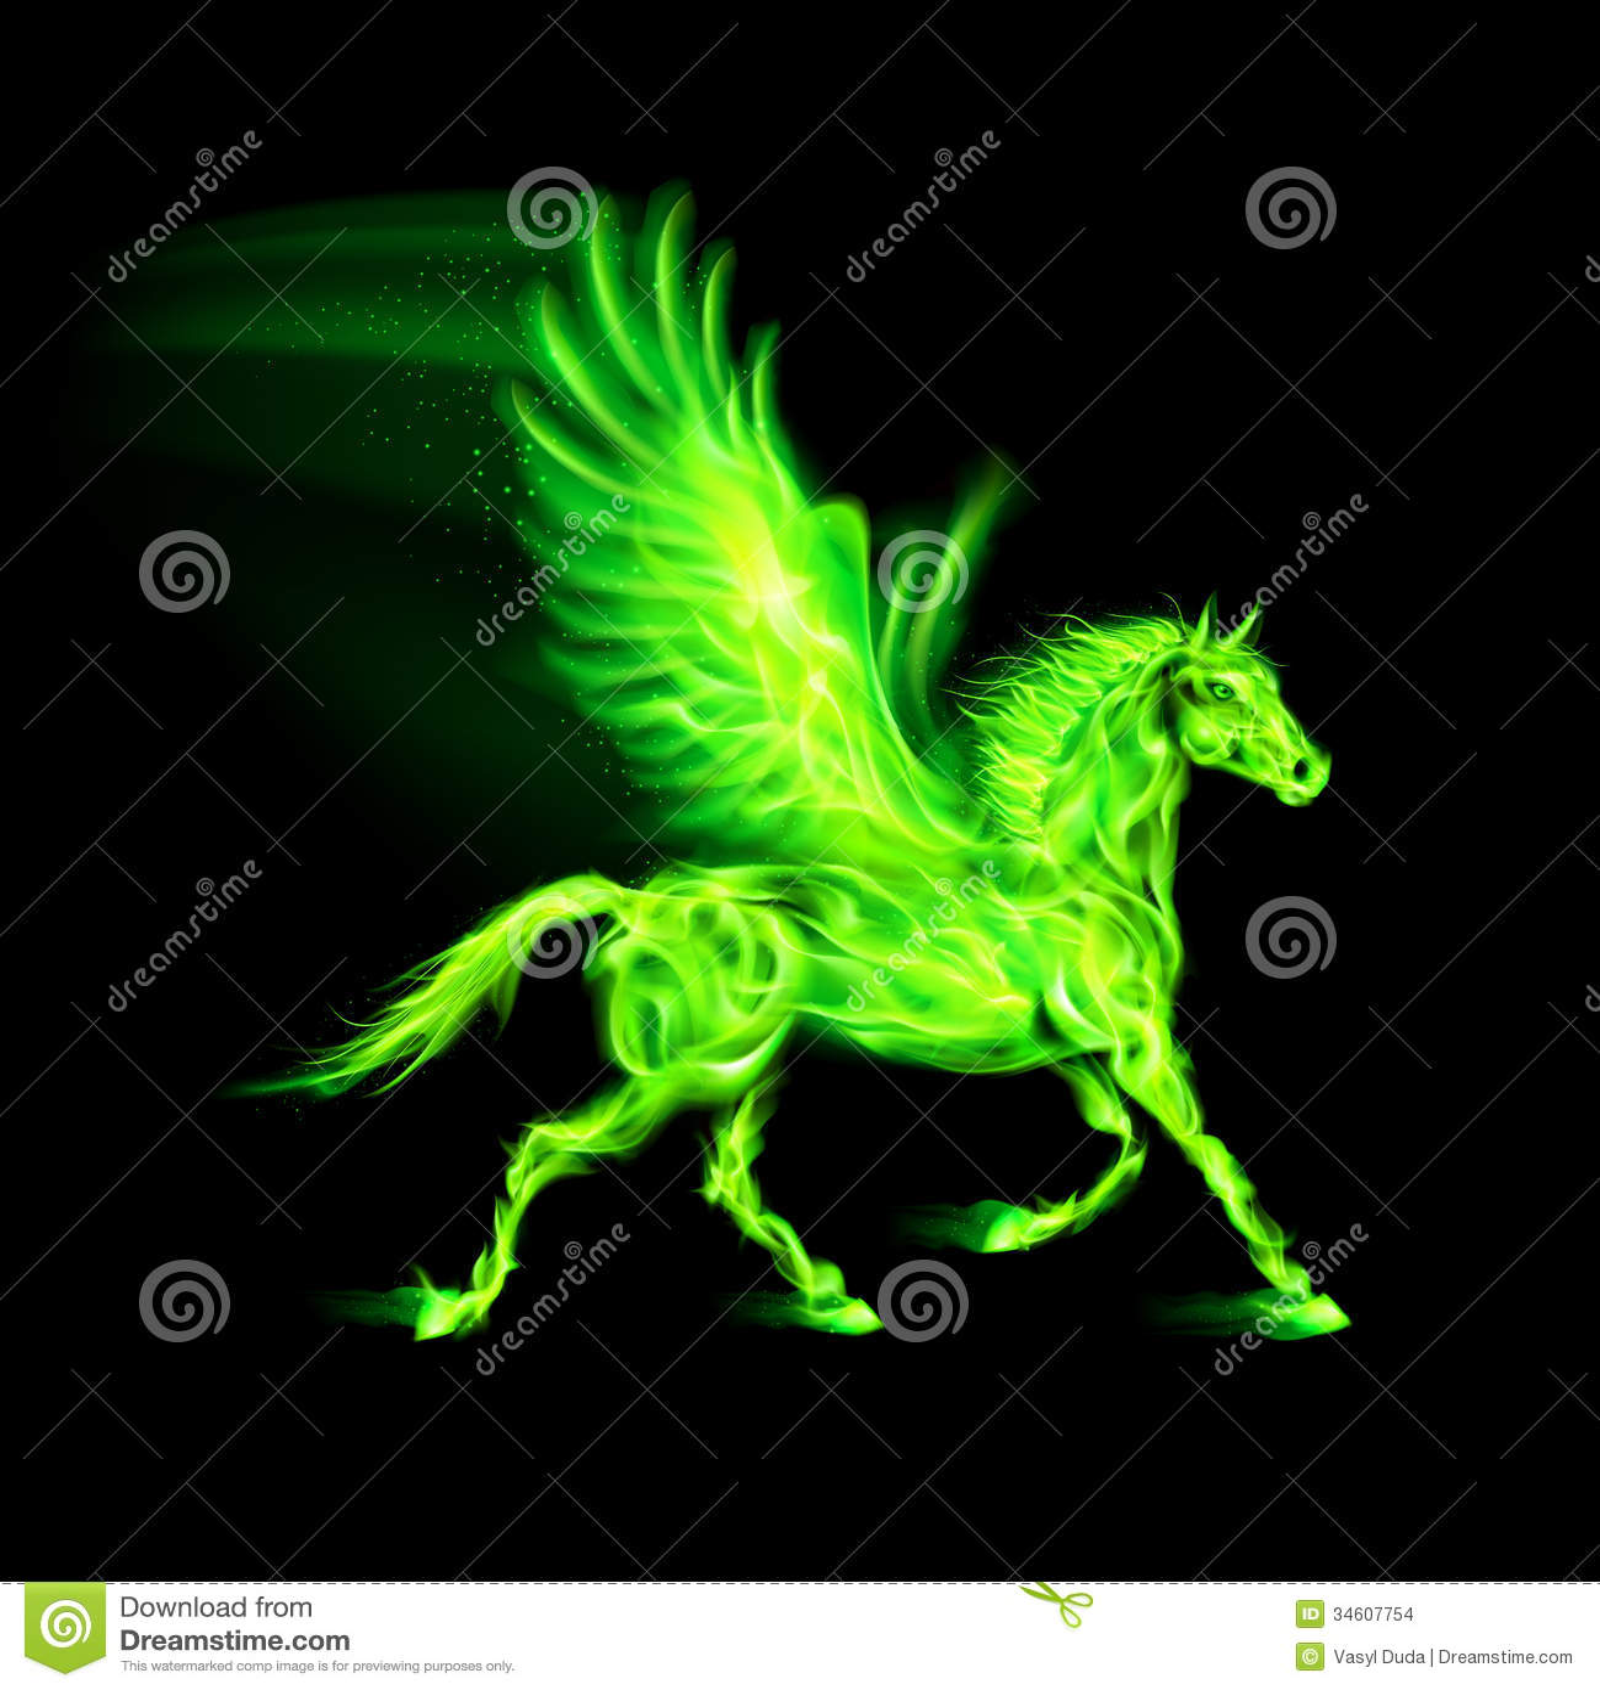 Green Fire Wallpaper Background Green fire Pegasus